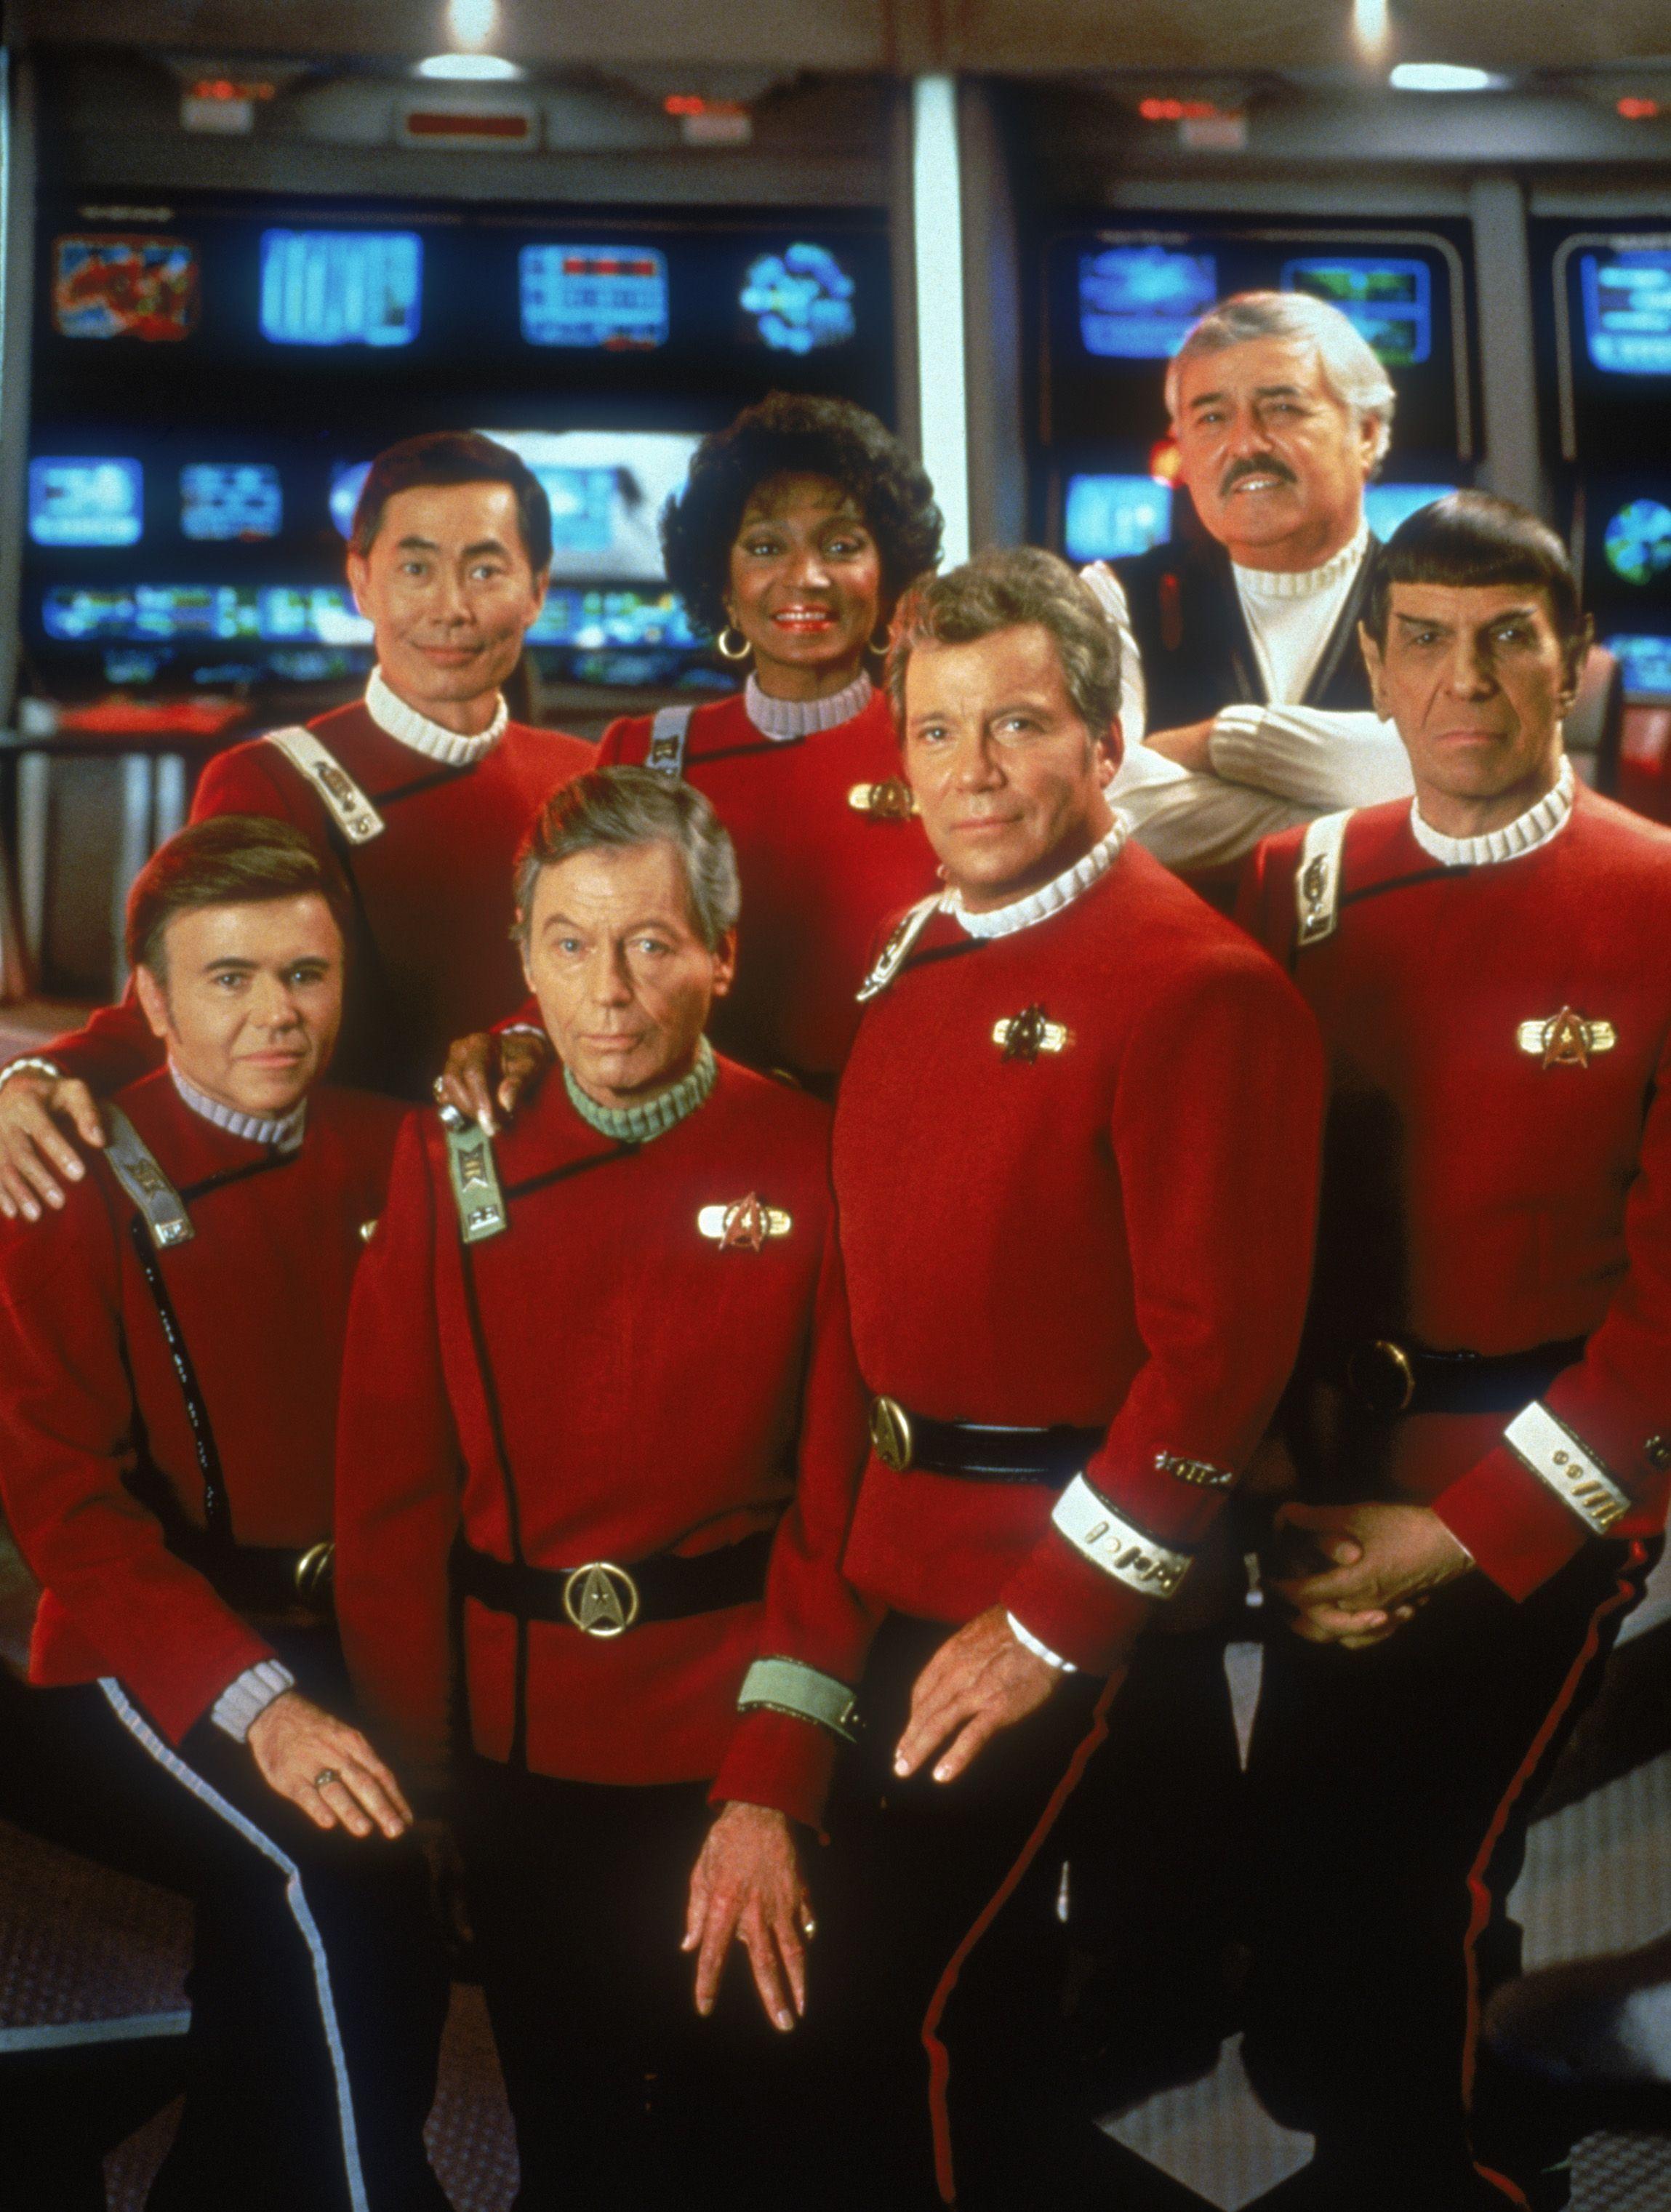 The Original Team